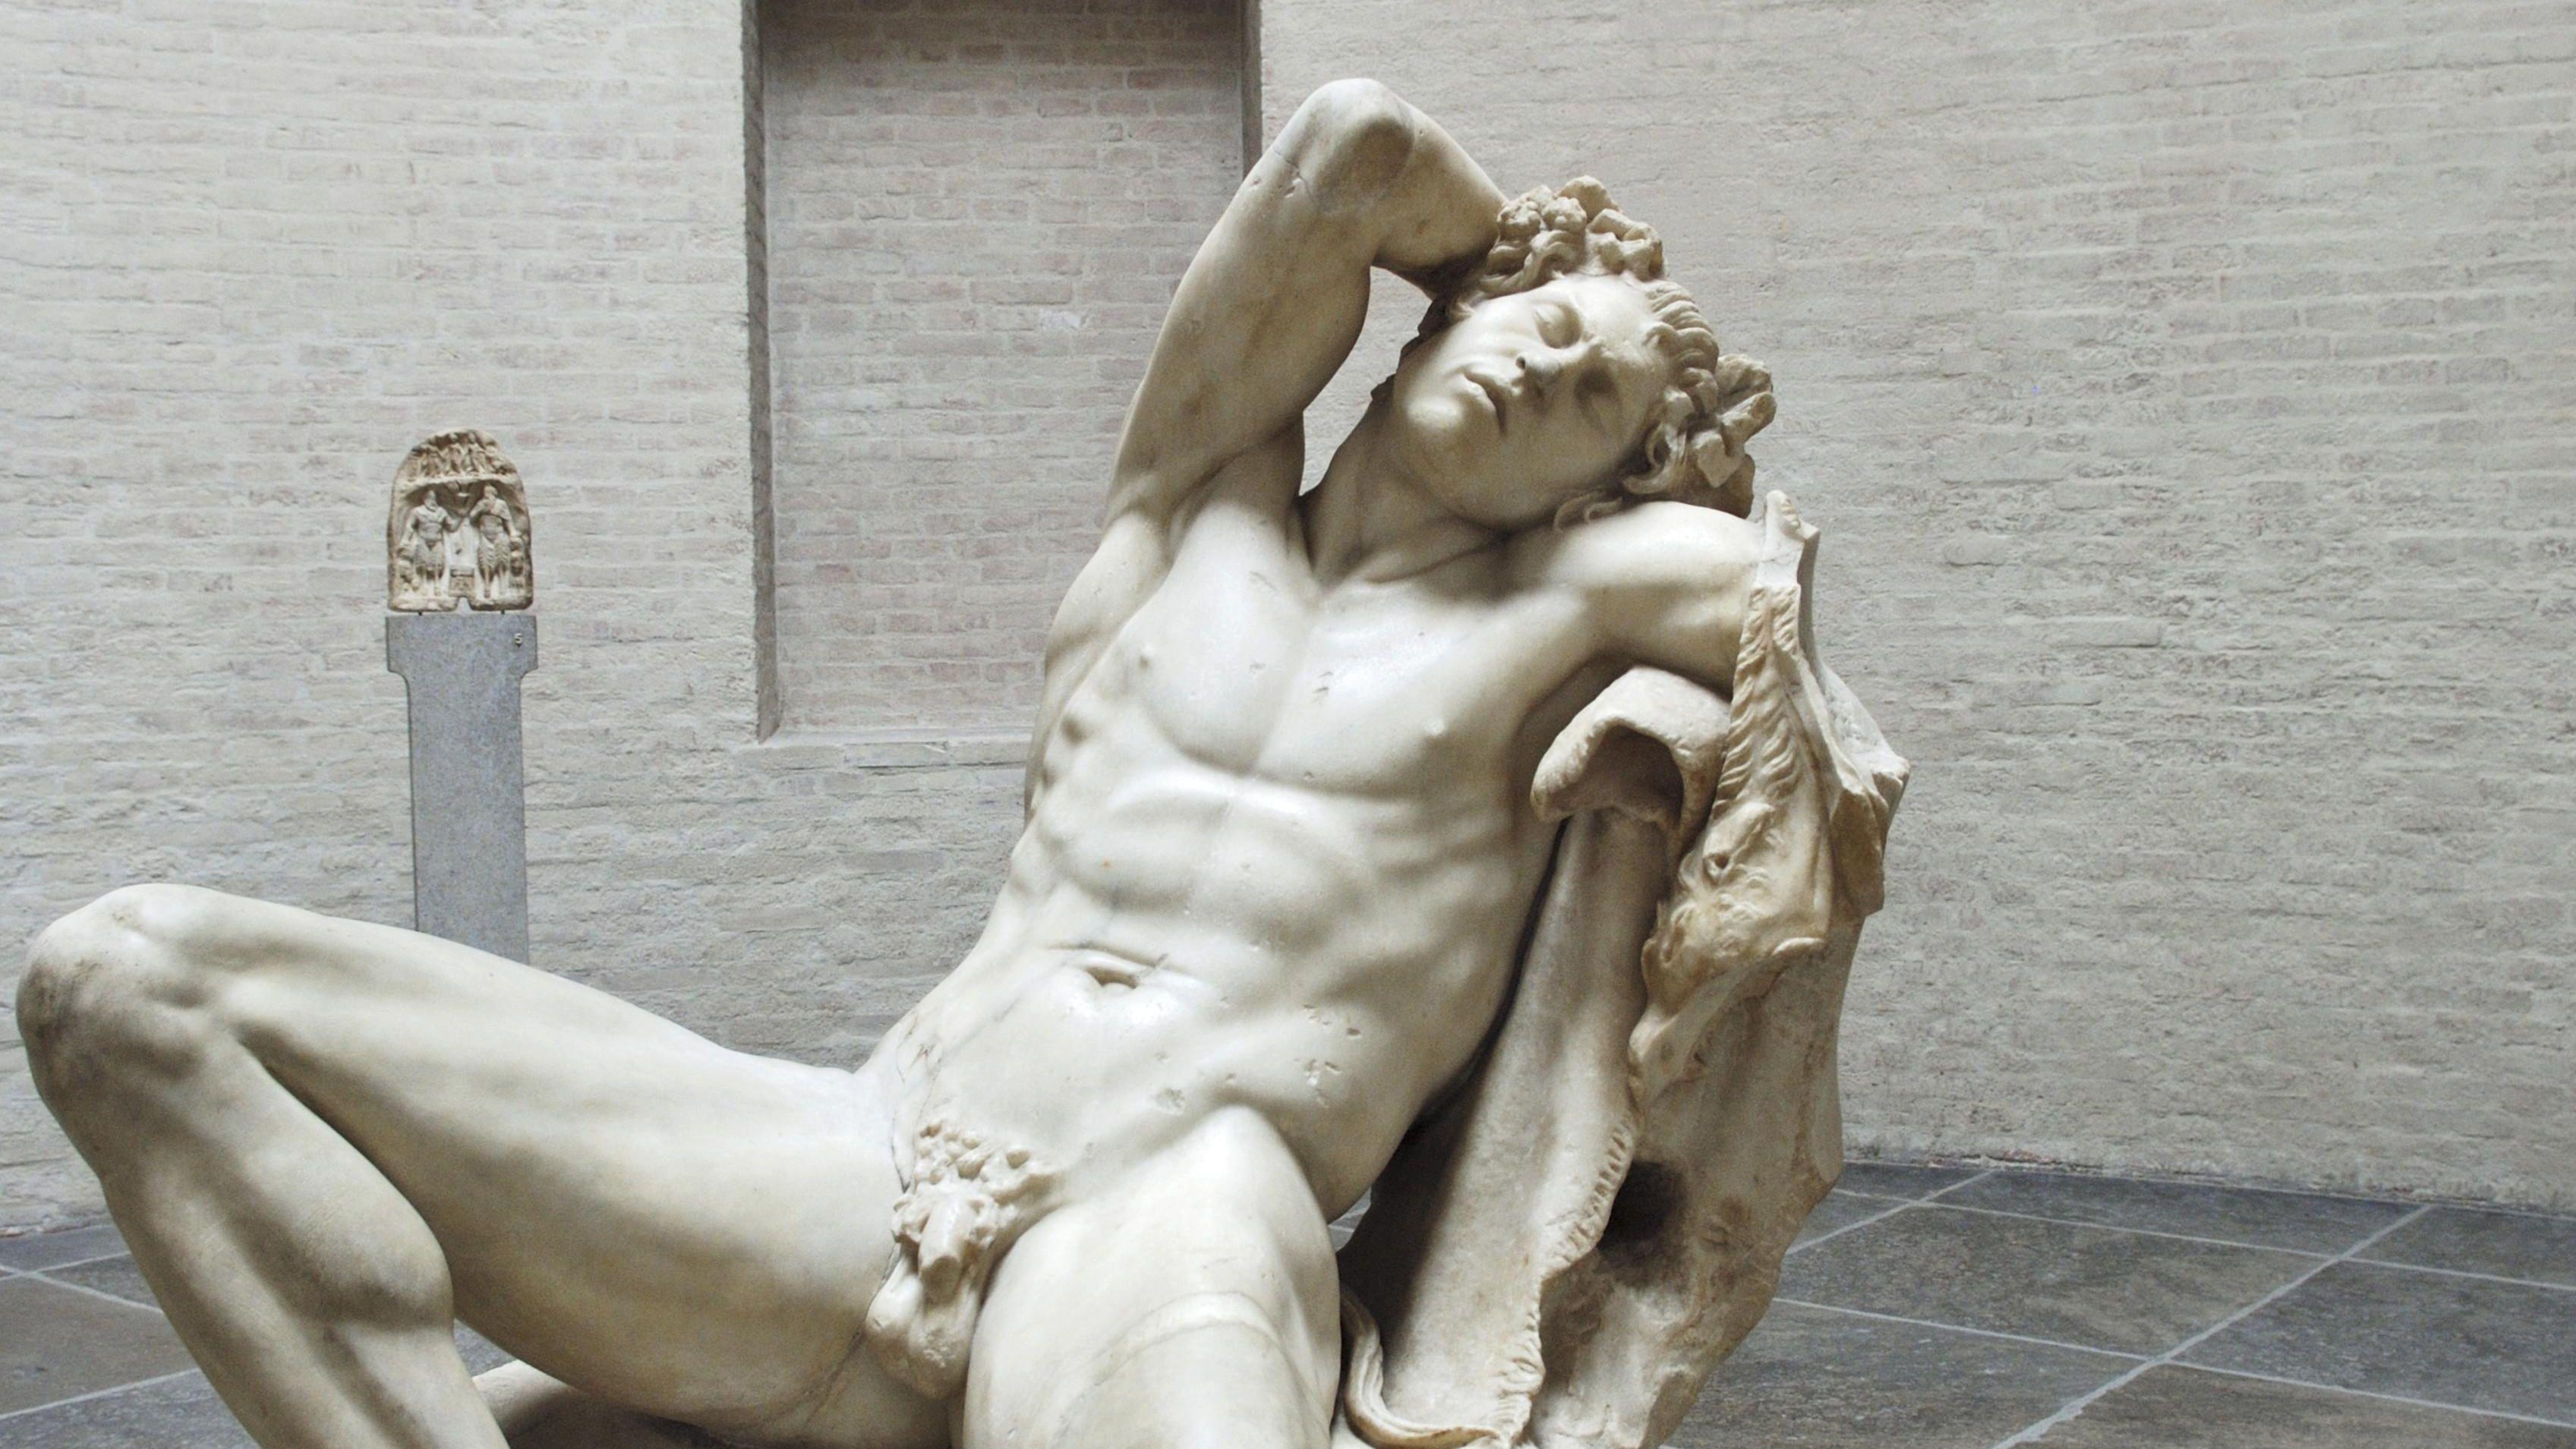 Hingegossen und nackt: Skulptur eines schlafenden Mannes im Saal des Faun: der schlafende Satyr